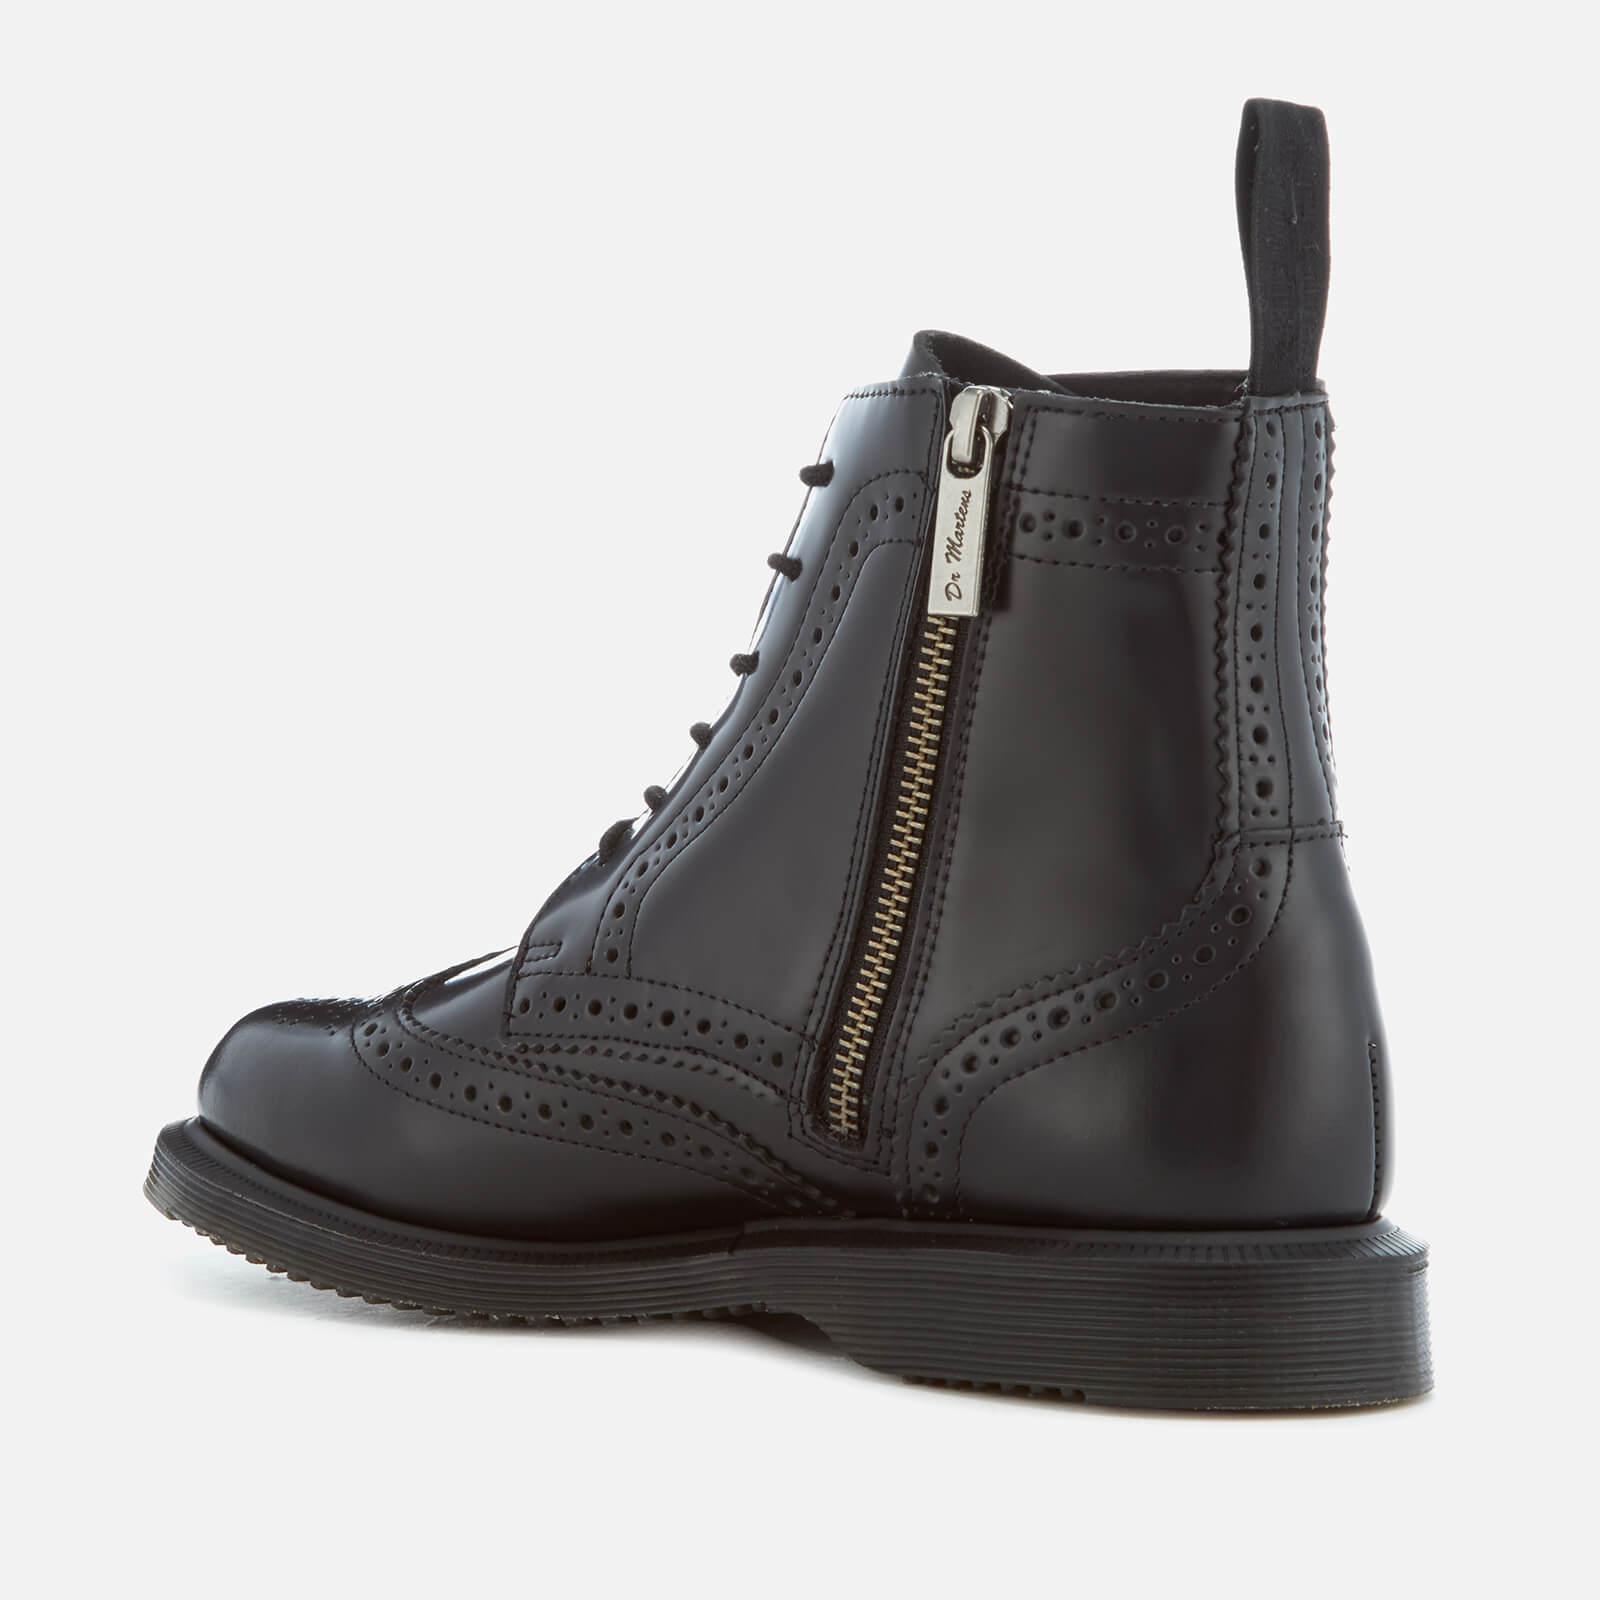 nowe przyloty dobra tekstura oficjalny dostawca Women's Kensington Delphine Polished Smooth Lace Up Boots